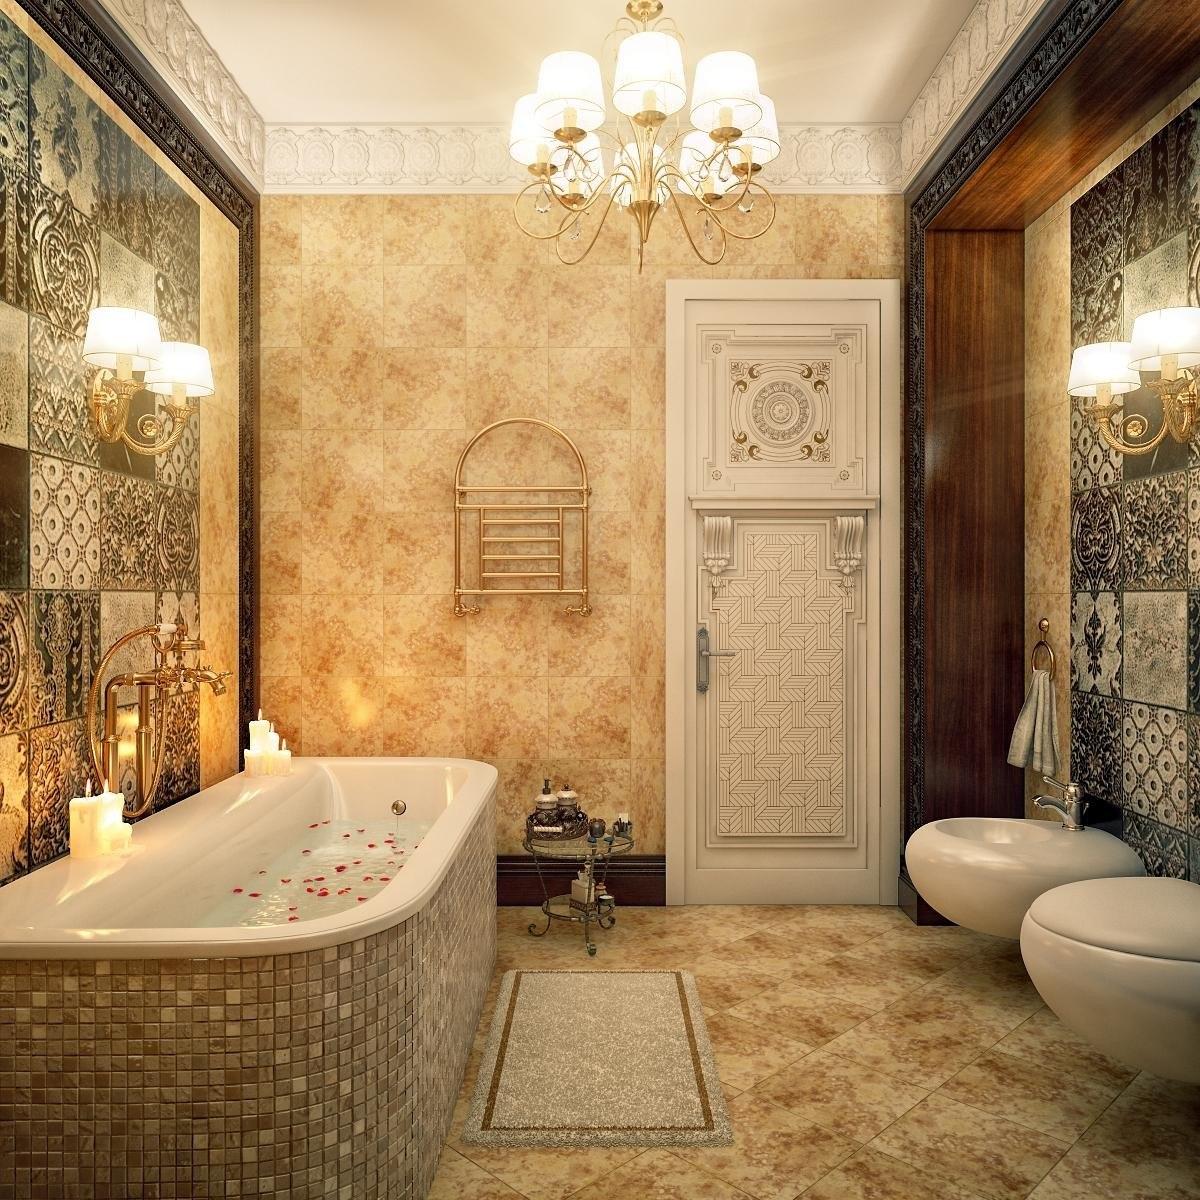 Nội thất phòng tắm cổ điển ấm áp và tinh tế cho chung cư 3 phòng ngủ